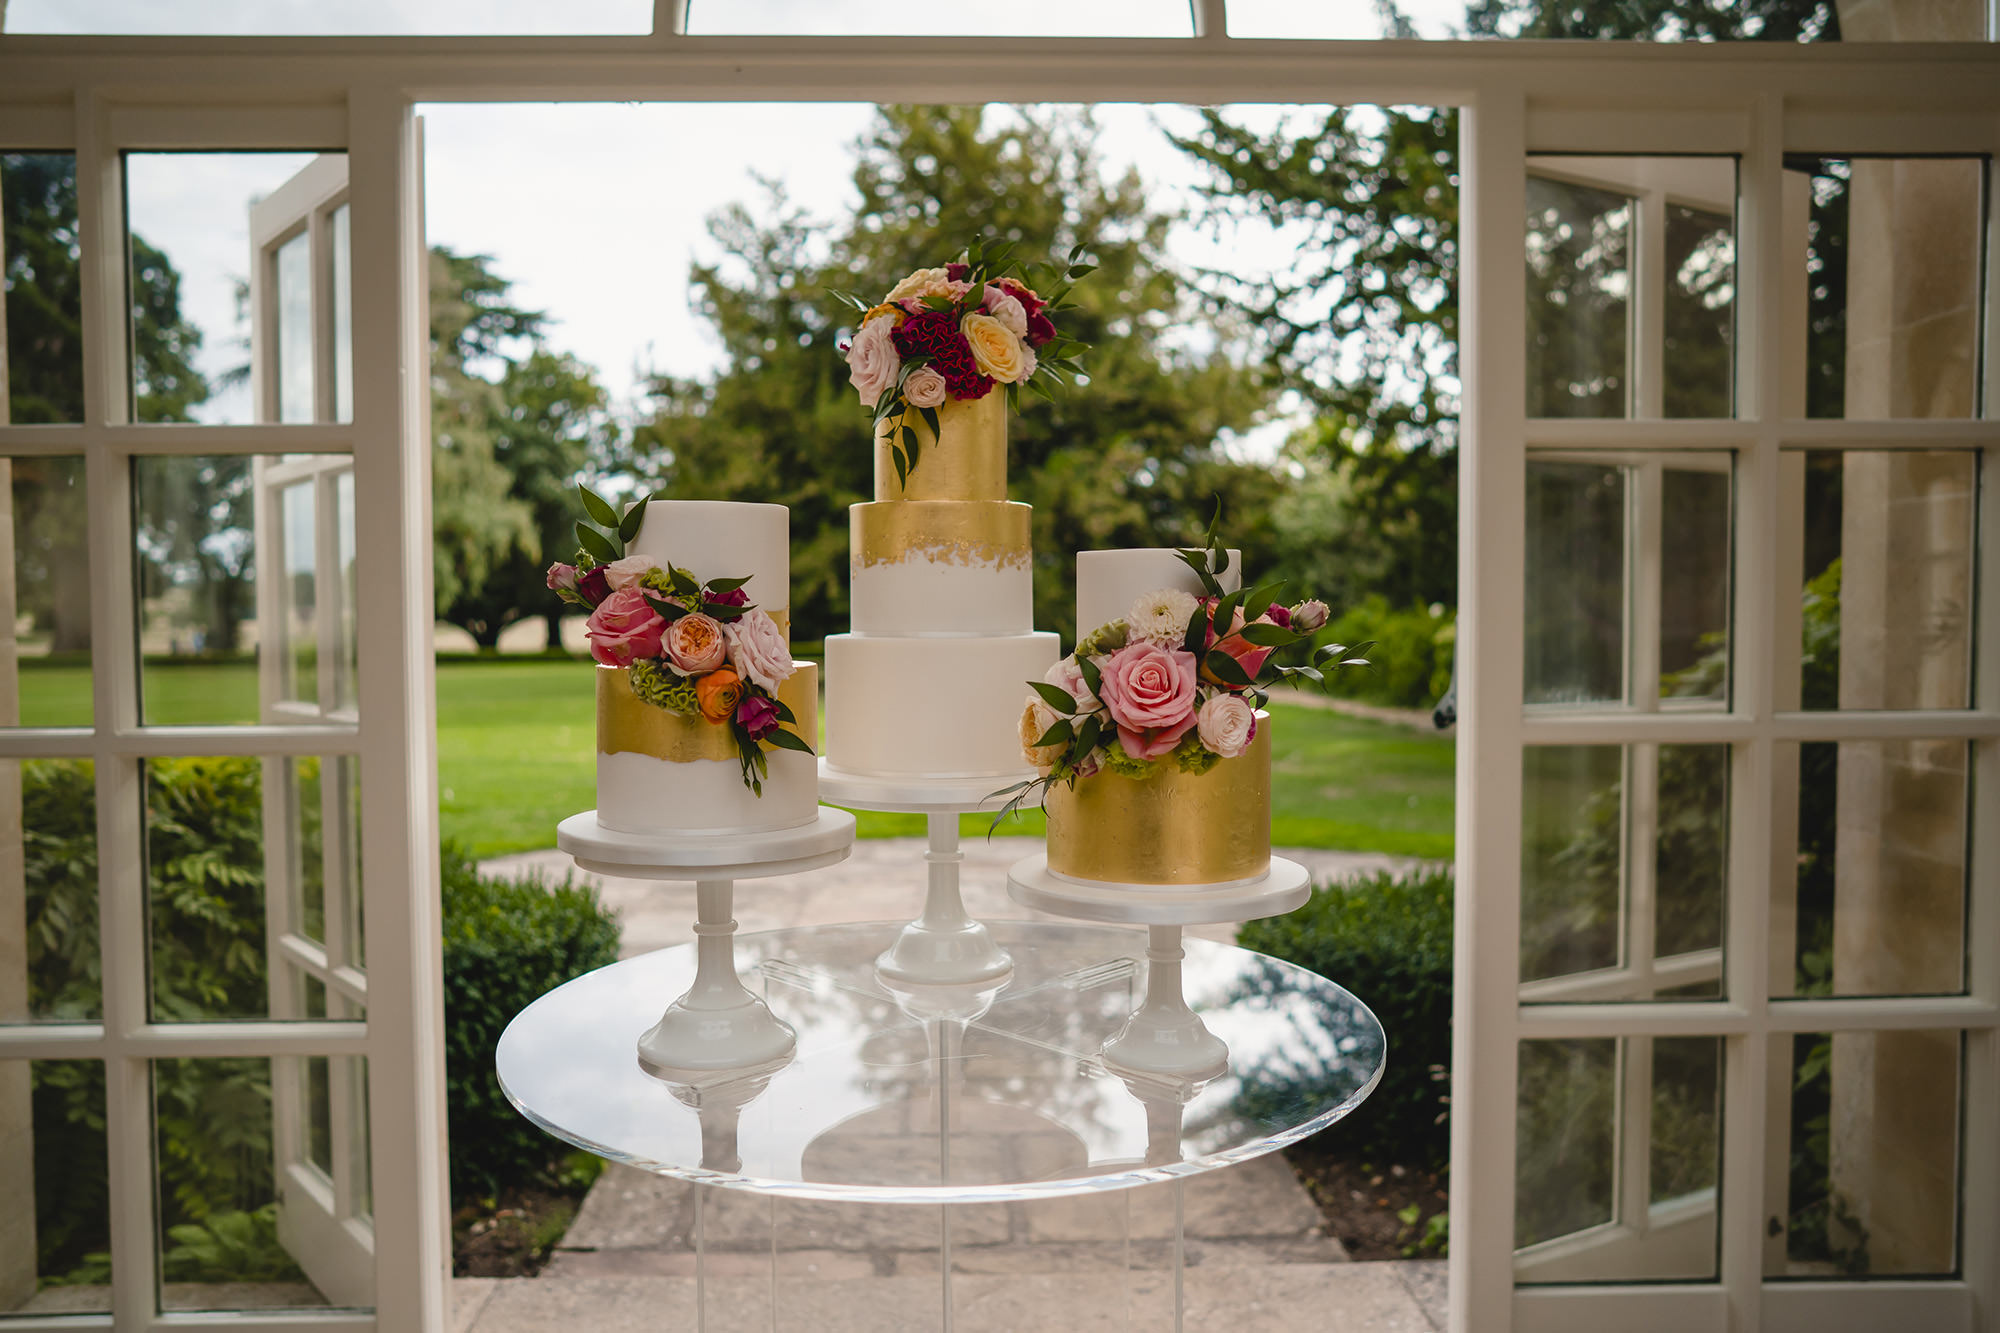 wedding cake details at stapleford park